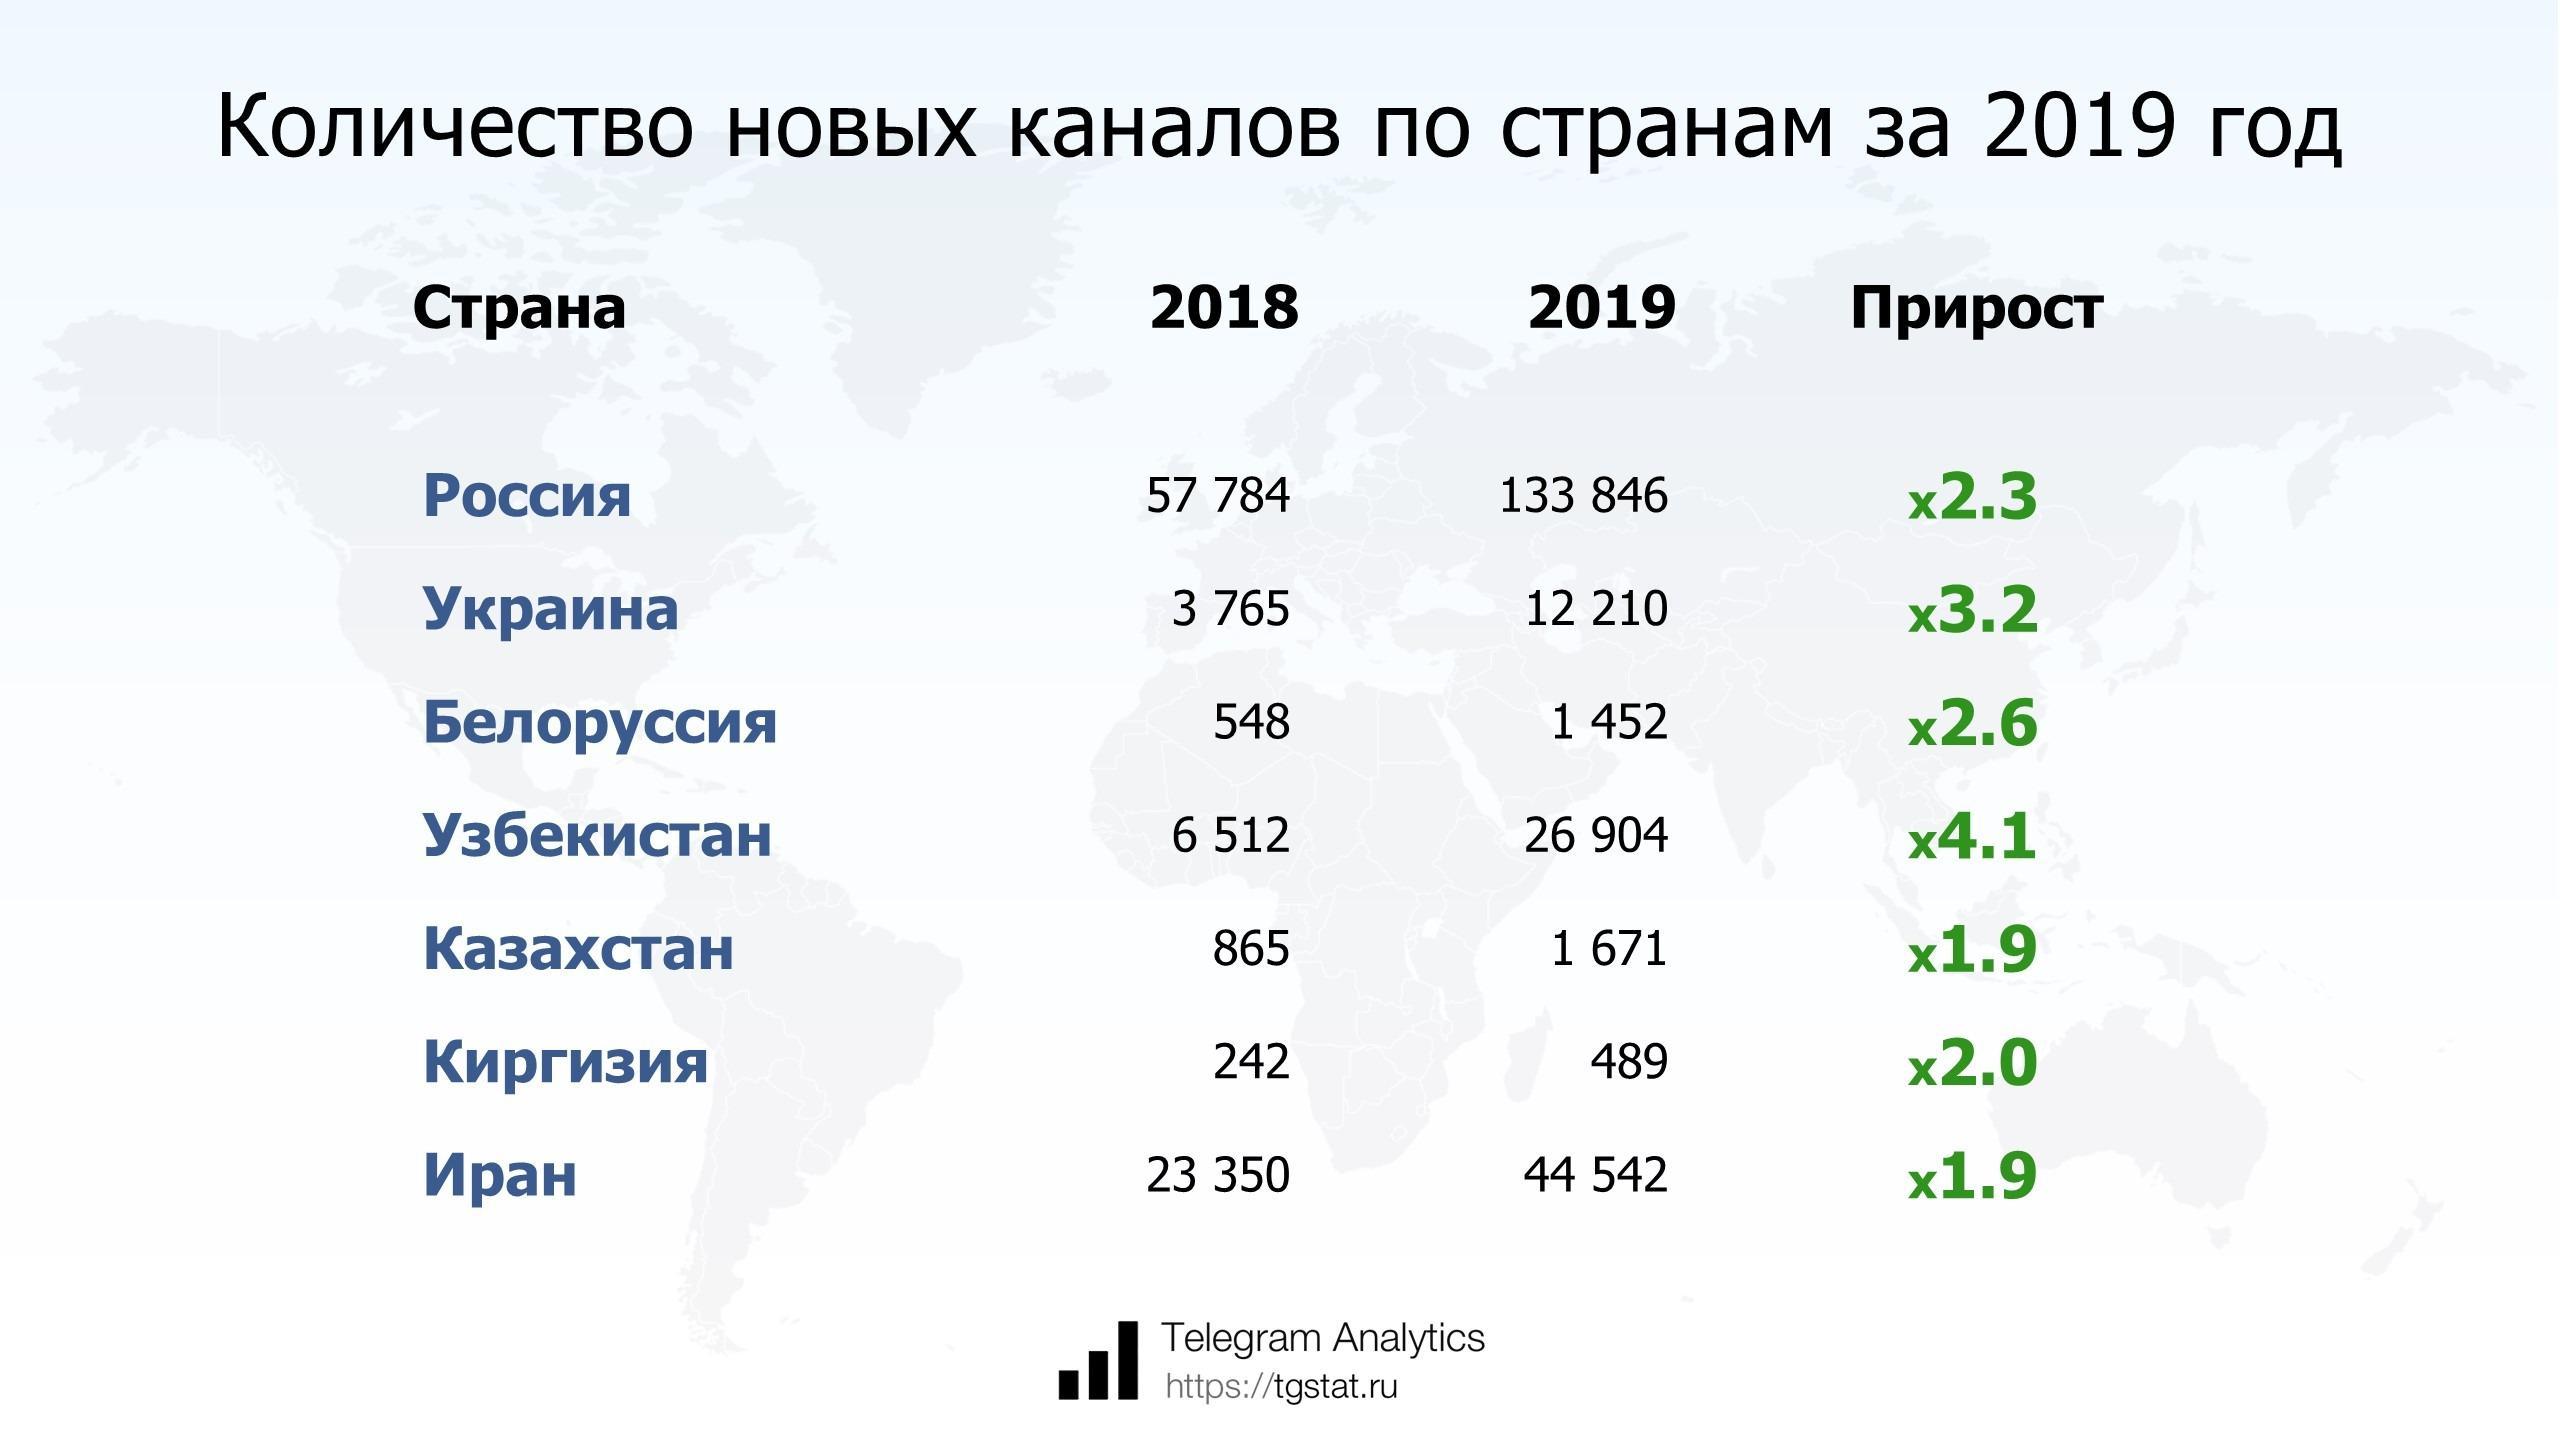 Распределение новых каналов по регионам